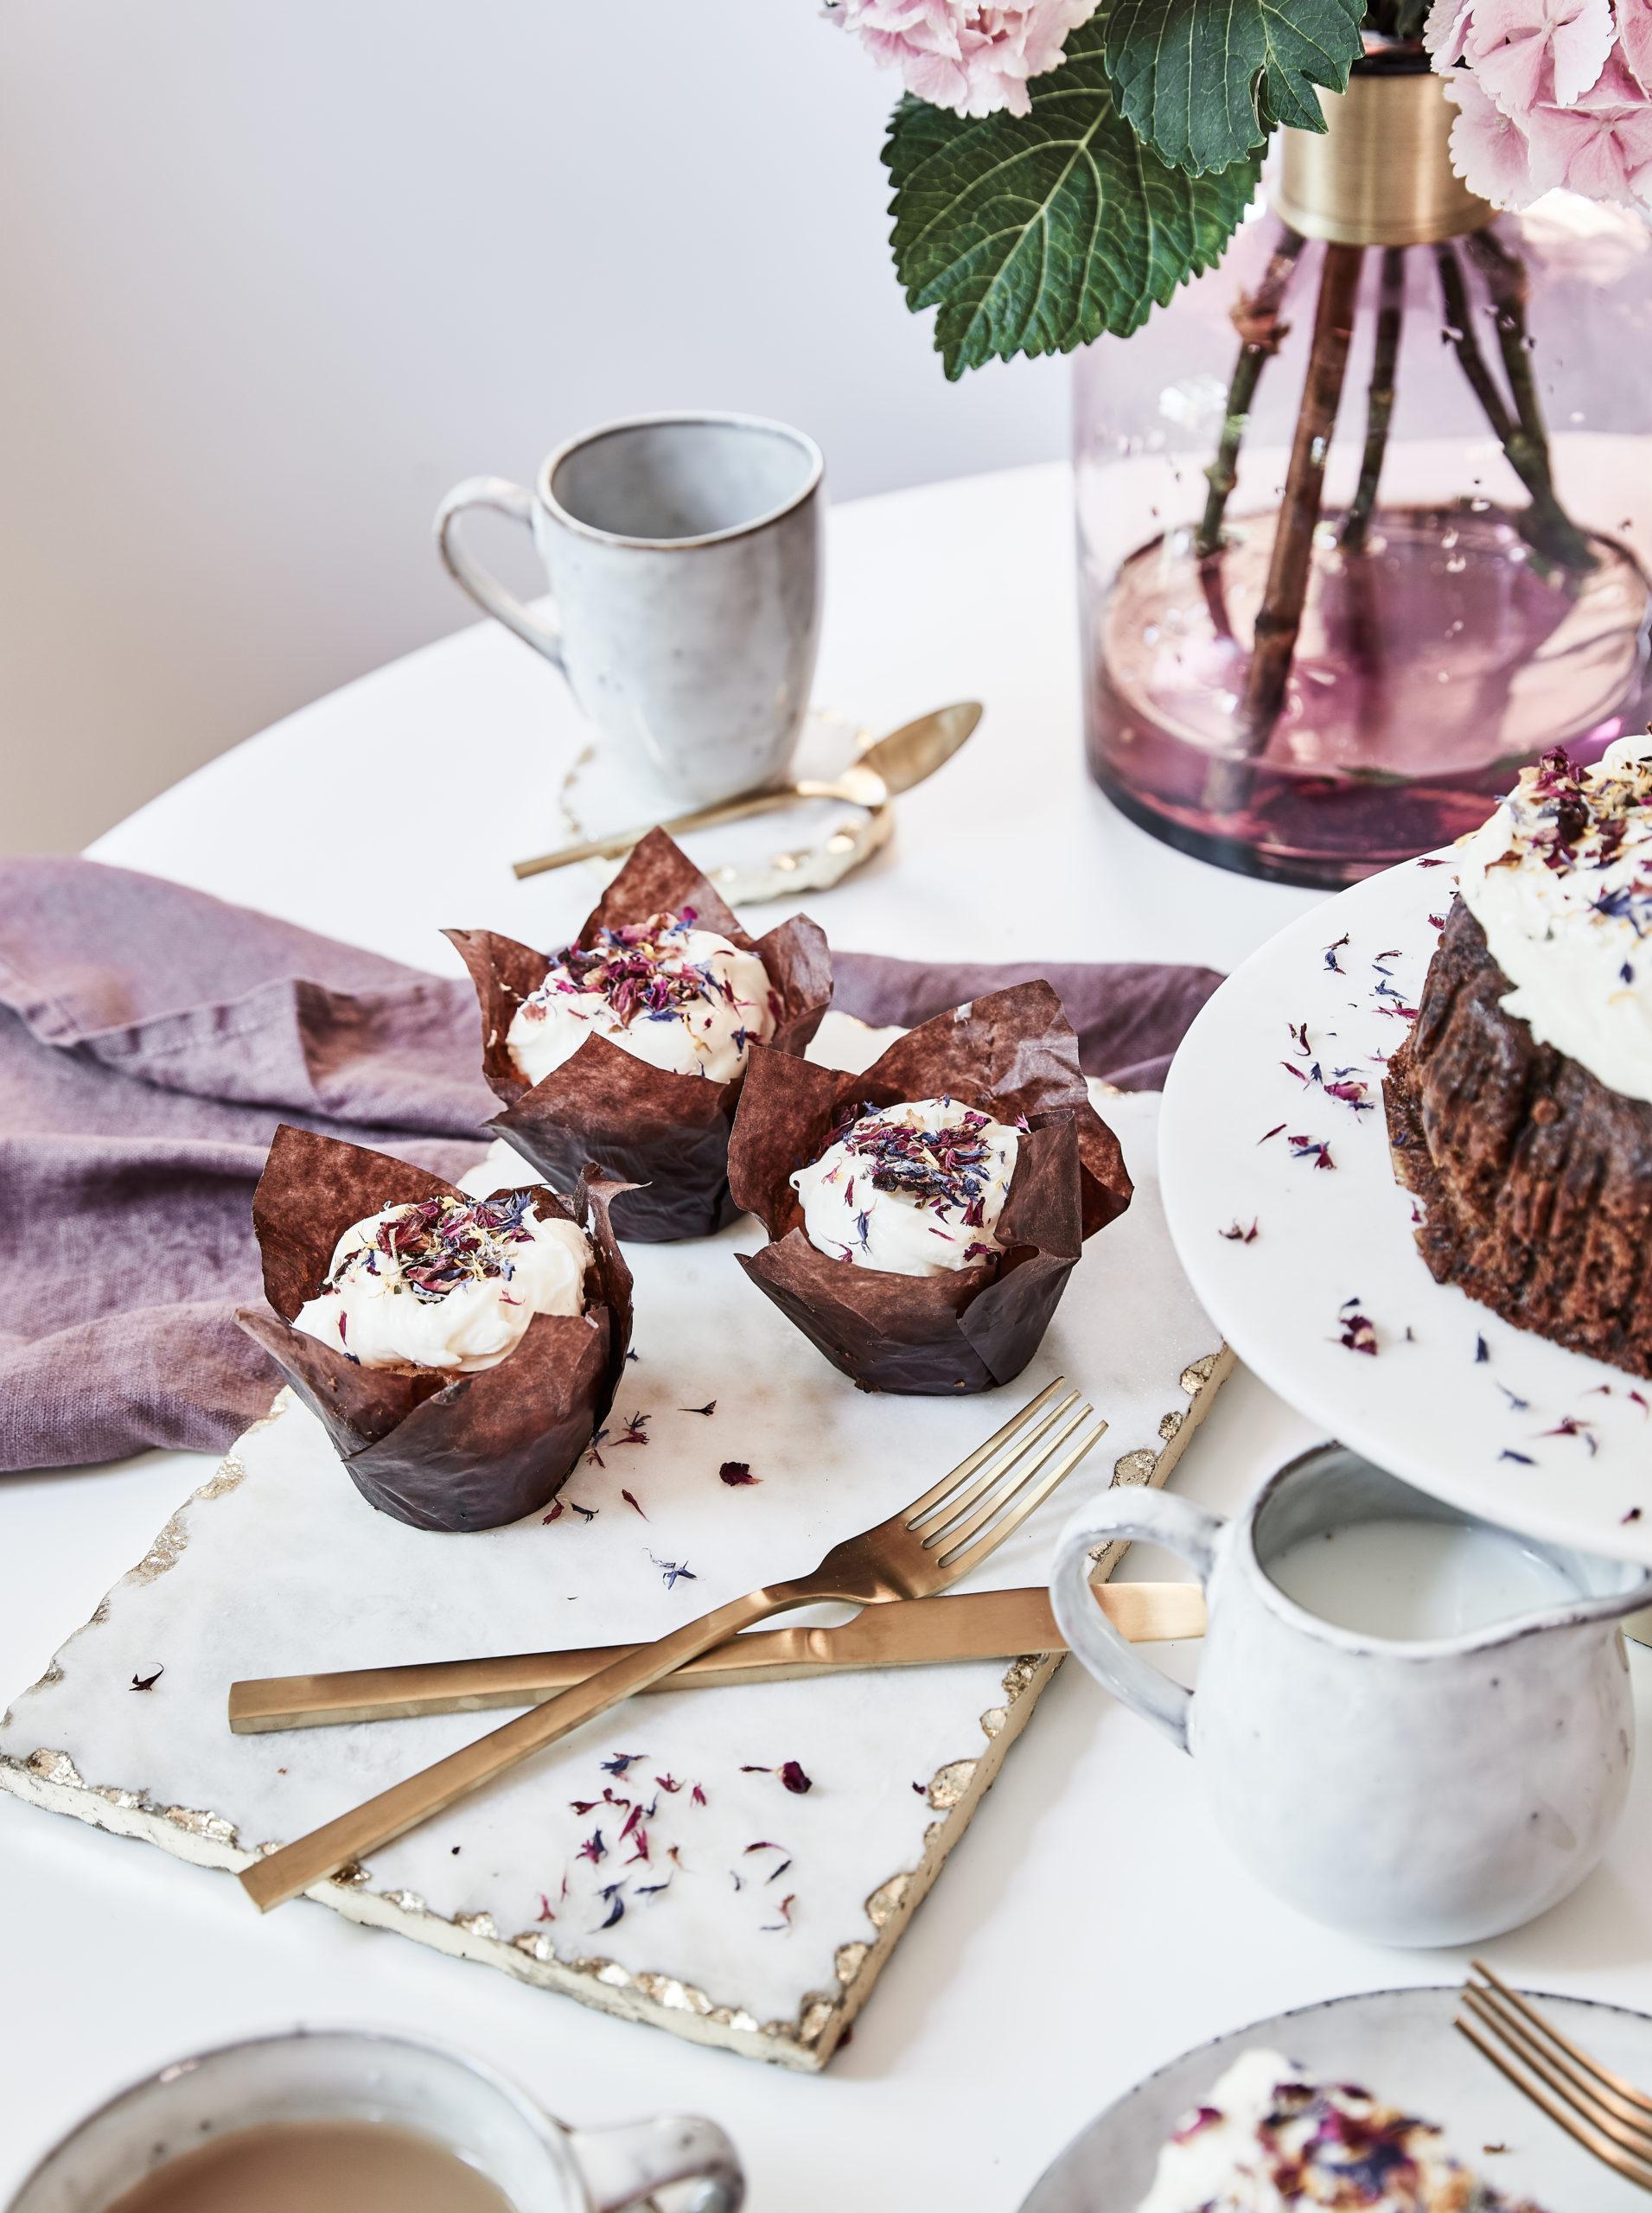 Trzy czekoladowe babeczki na stole obok białej patery z ciastem czekoladowym